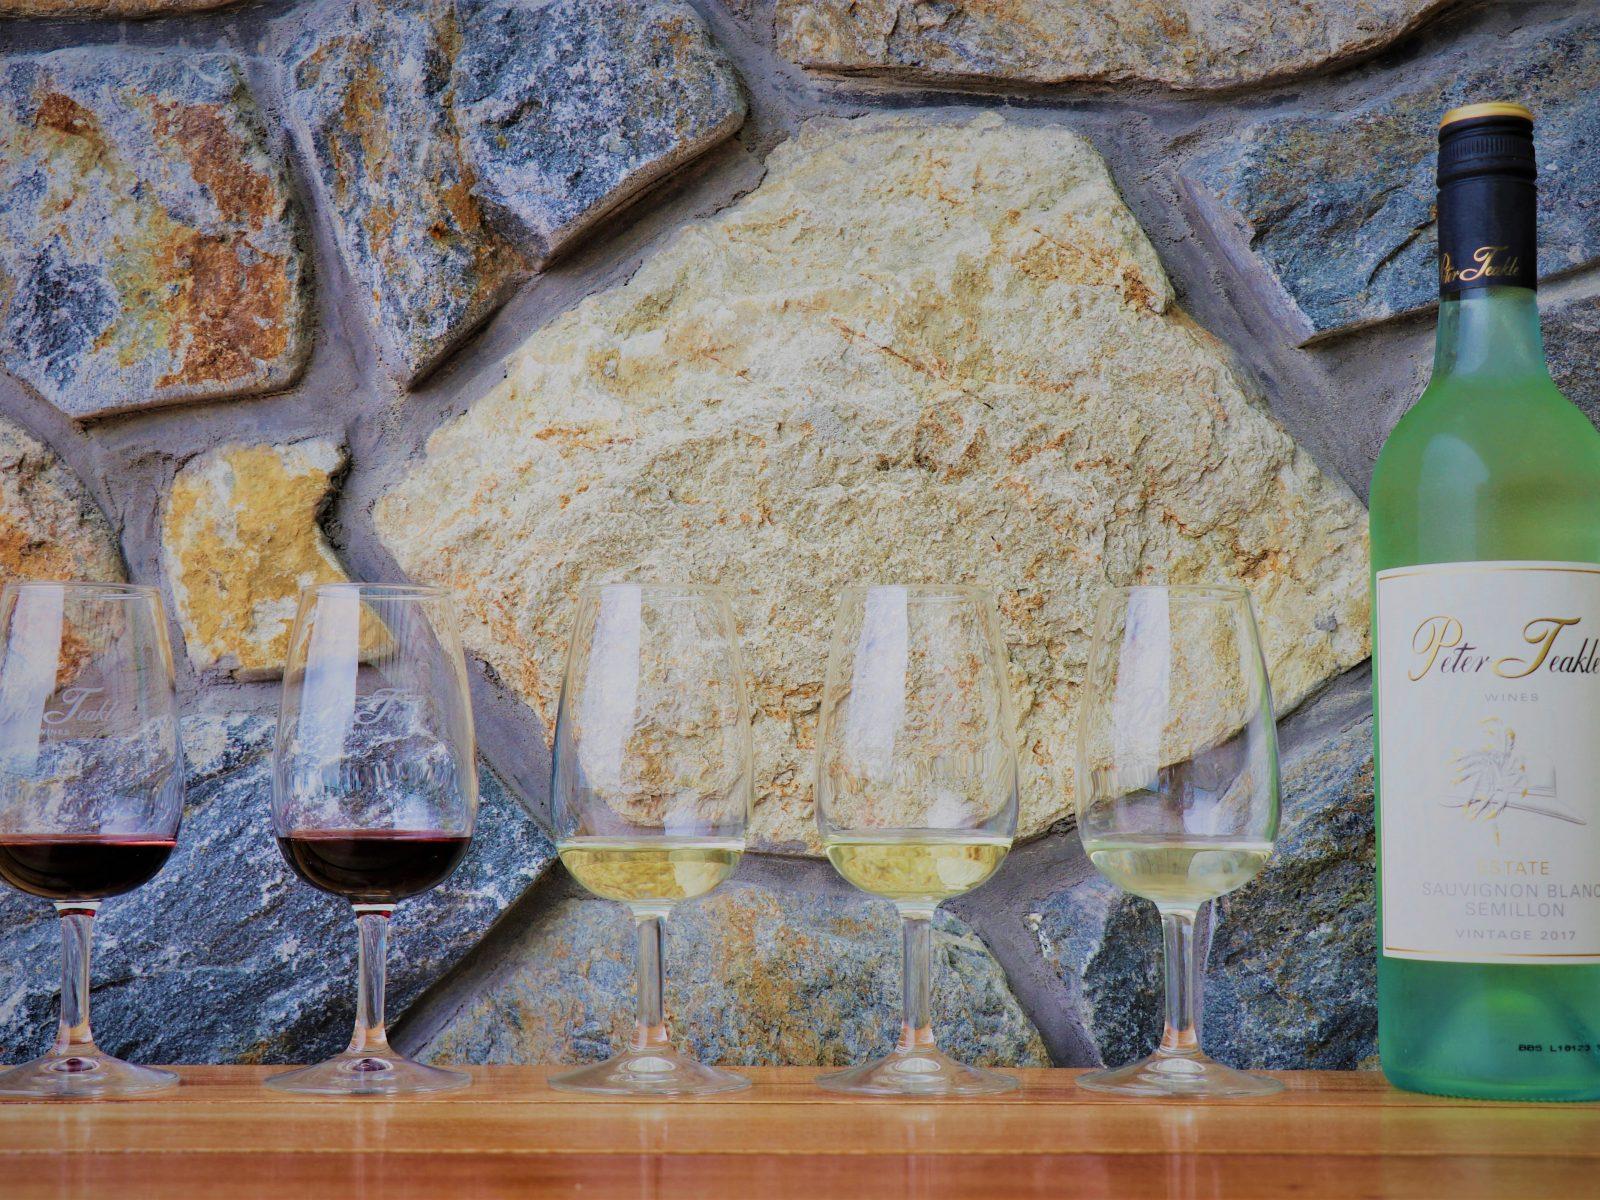 Peter Teakle Wines